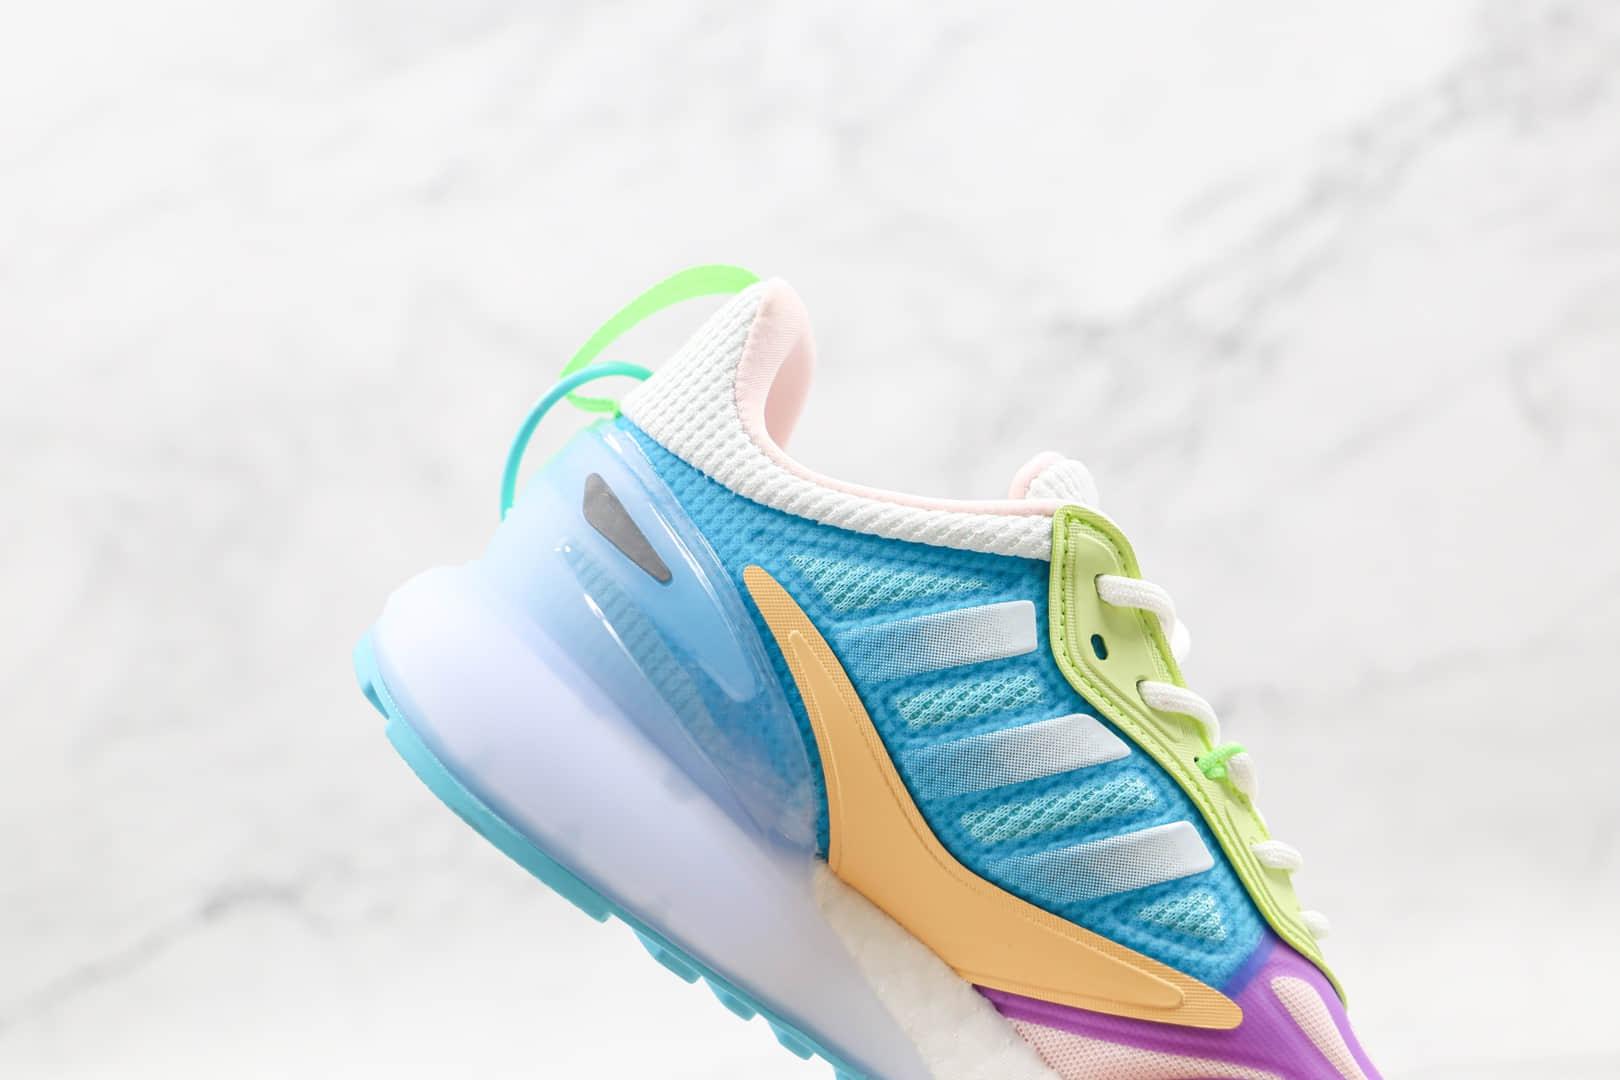 阿迪达斯Adidas Originals ZX 2K Boost 2.0纯原版本三叶草ZX 2K白蓝粉黄绿色彩色拼接爆米花跑鞋原档案数据开发 货号:GZ7502